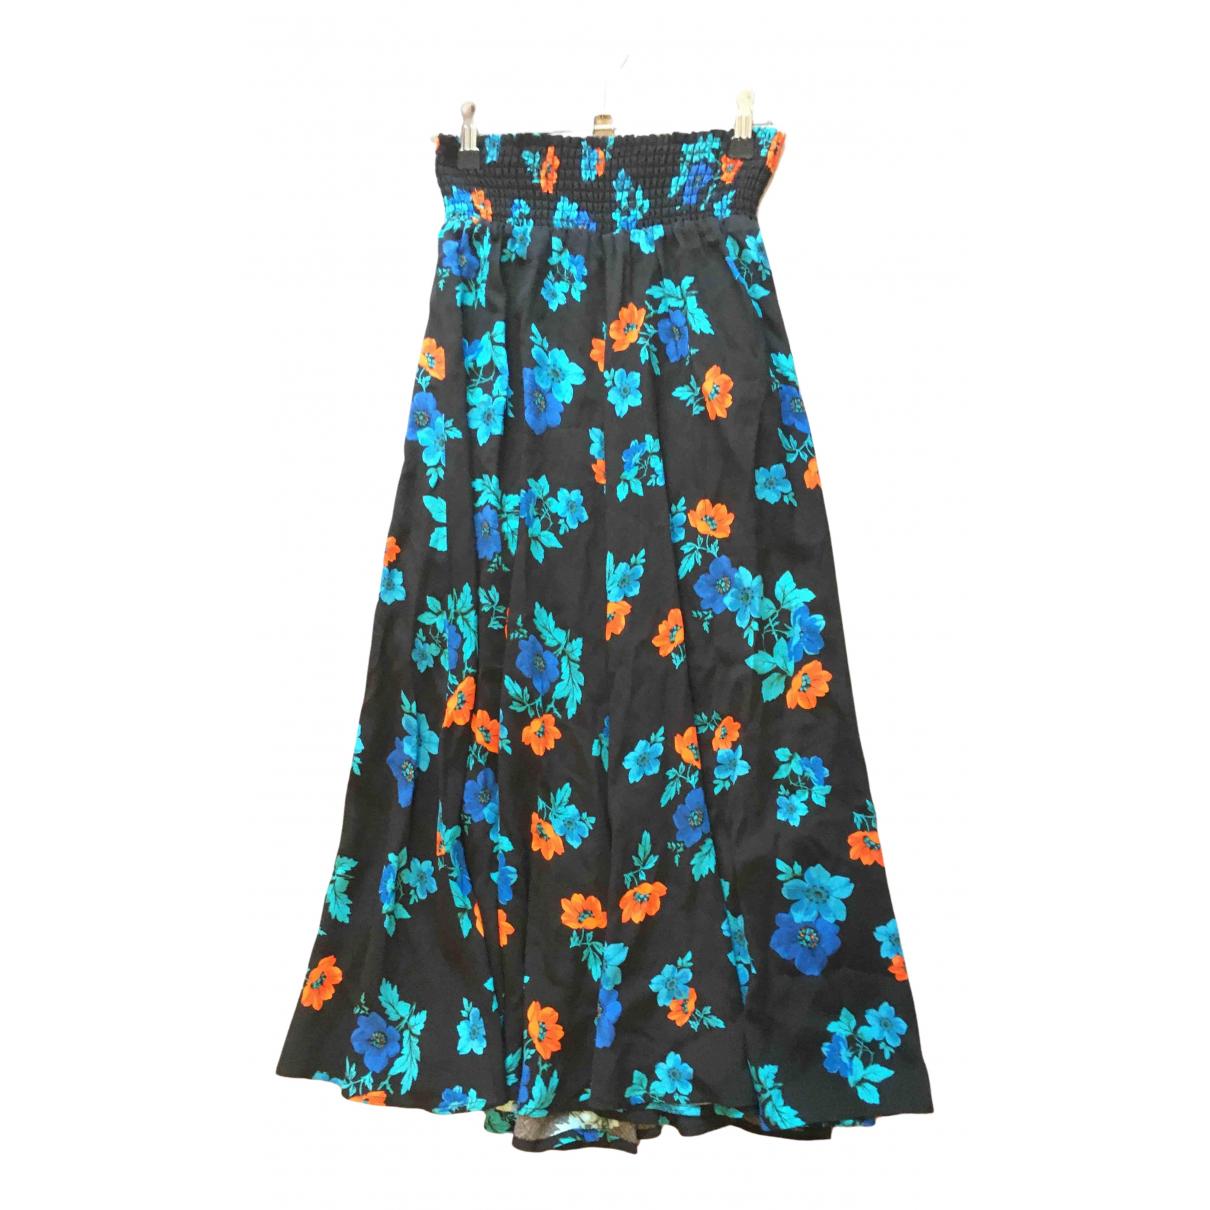 Maje N Multicolour skirt for Women 36 FR